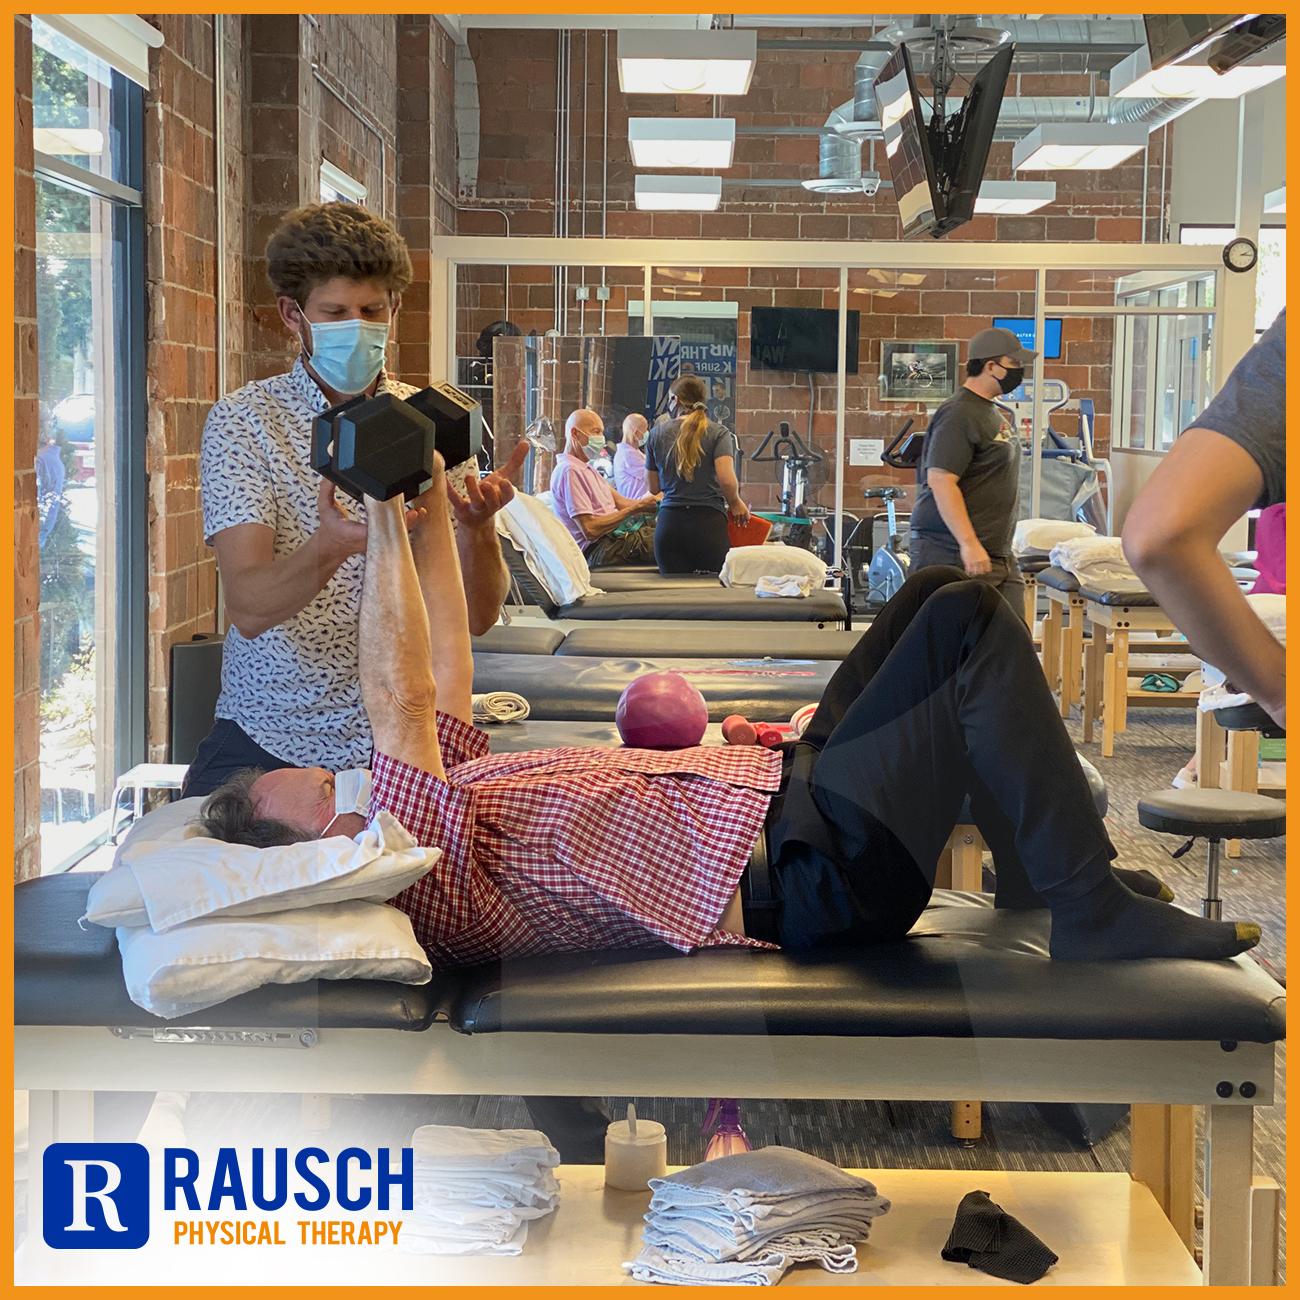 Rausch-AUg branding